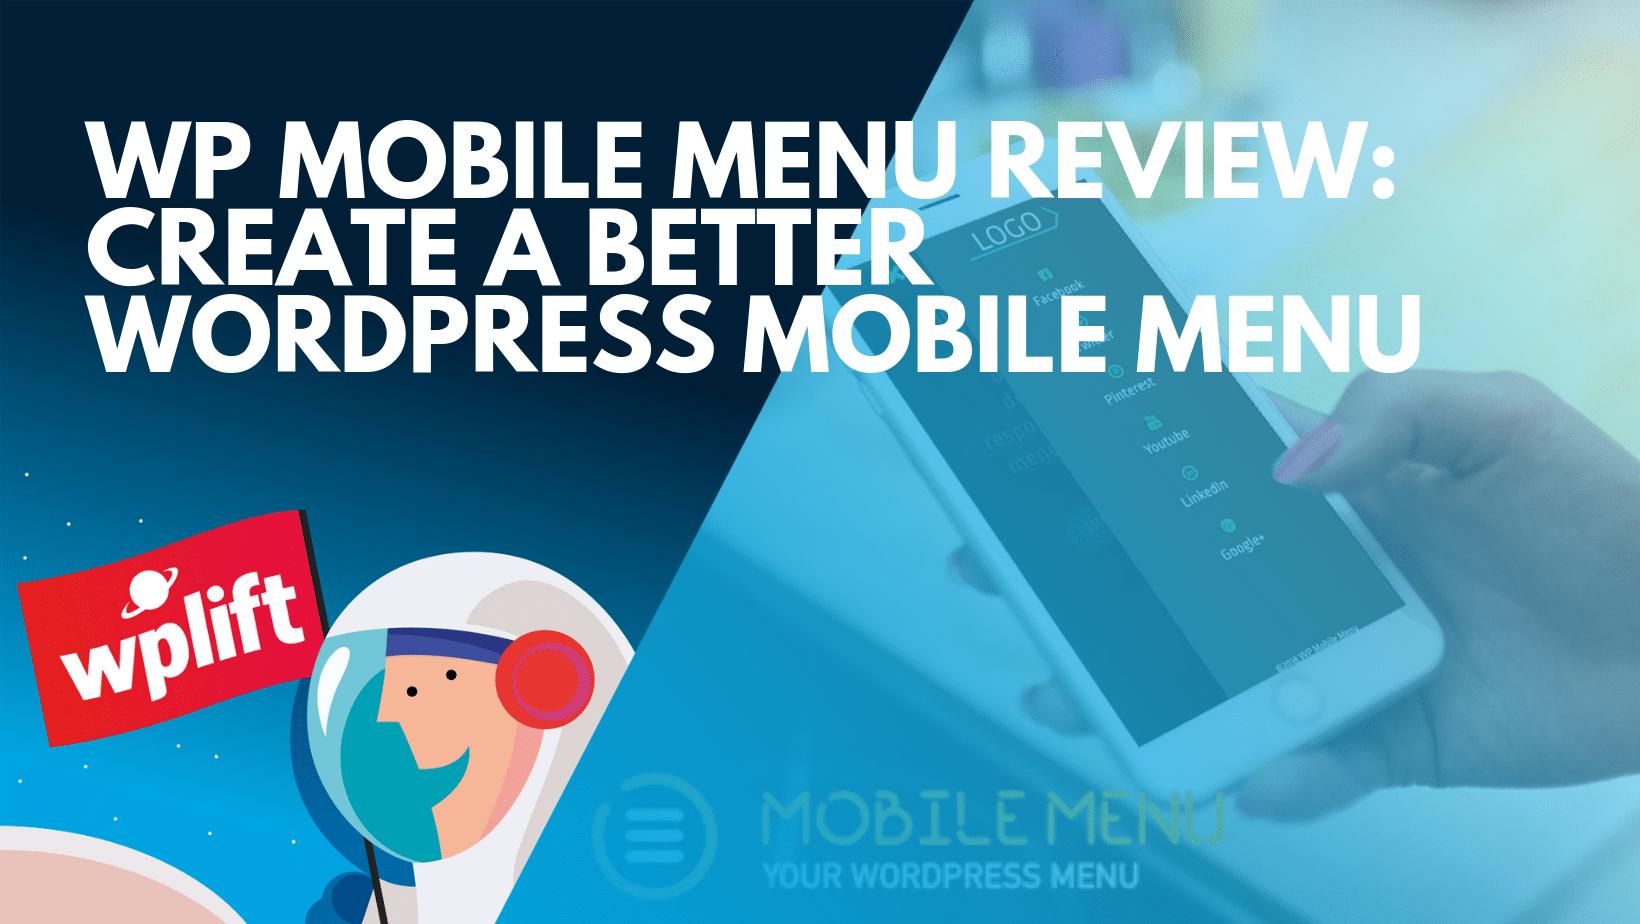 wp-mobile-menu-review:-create-a-better-wordpress-mobile-menu